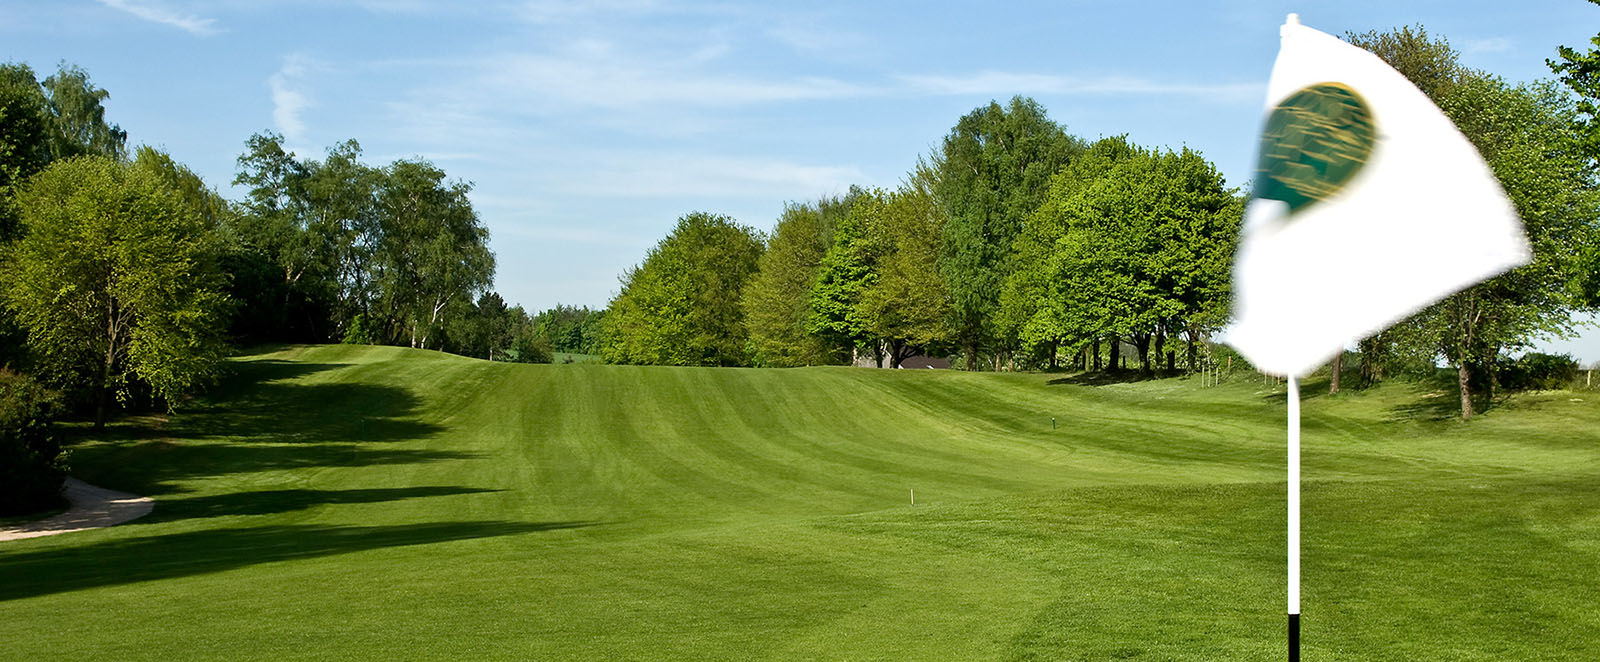 Duesseldorfer_Golf_Club_3